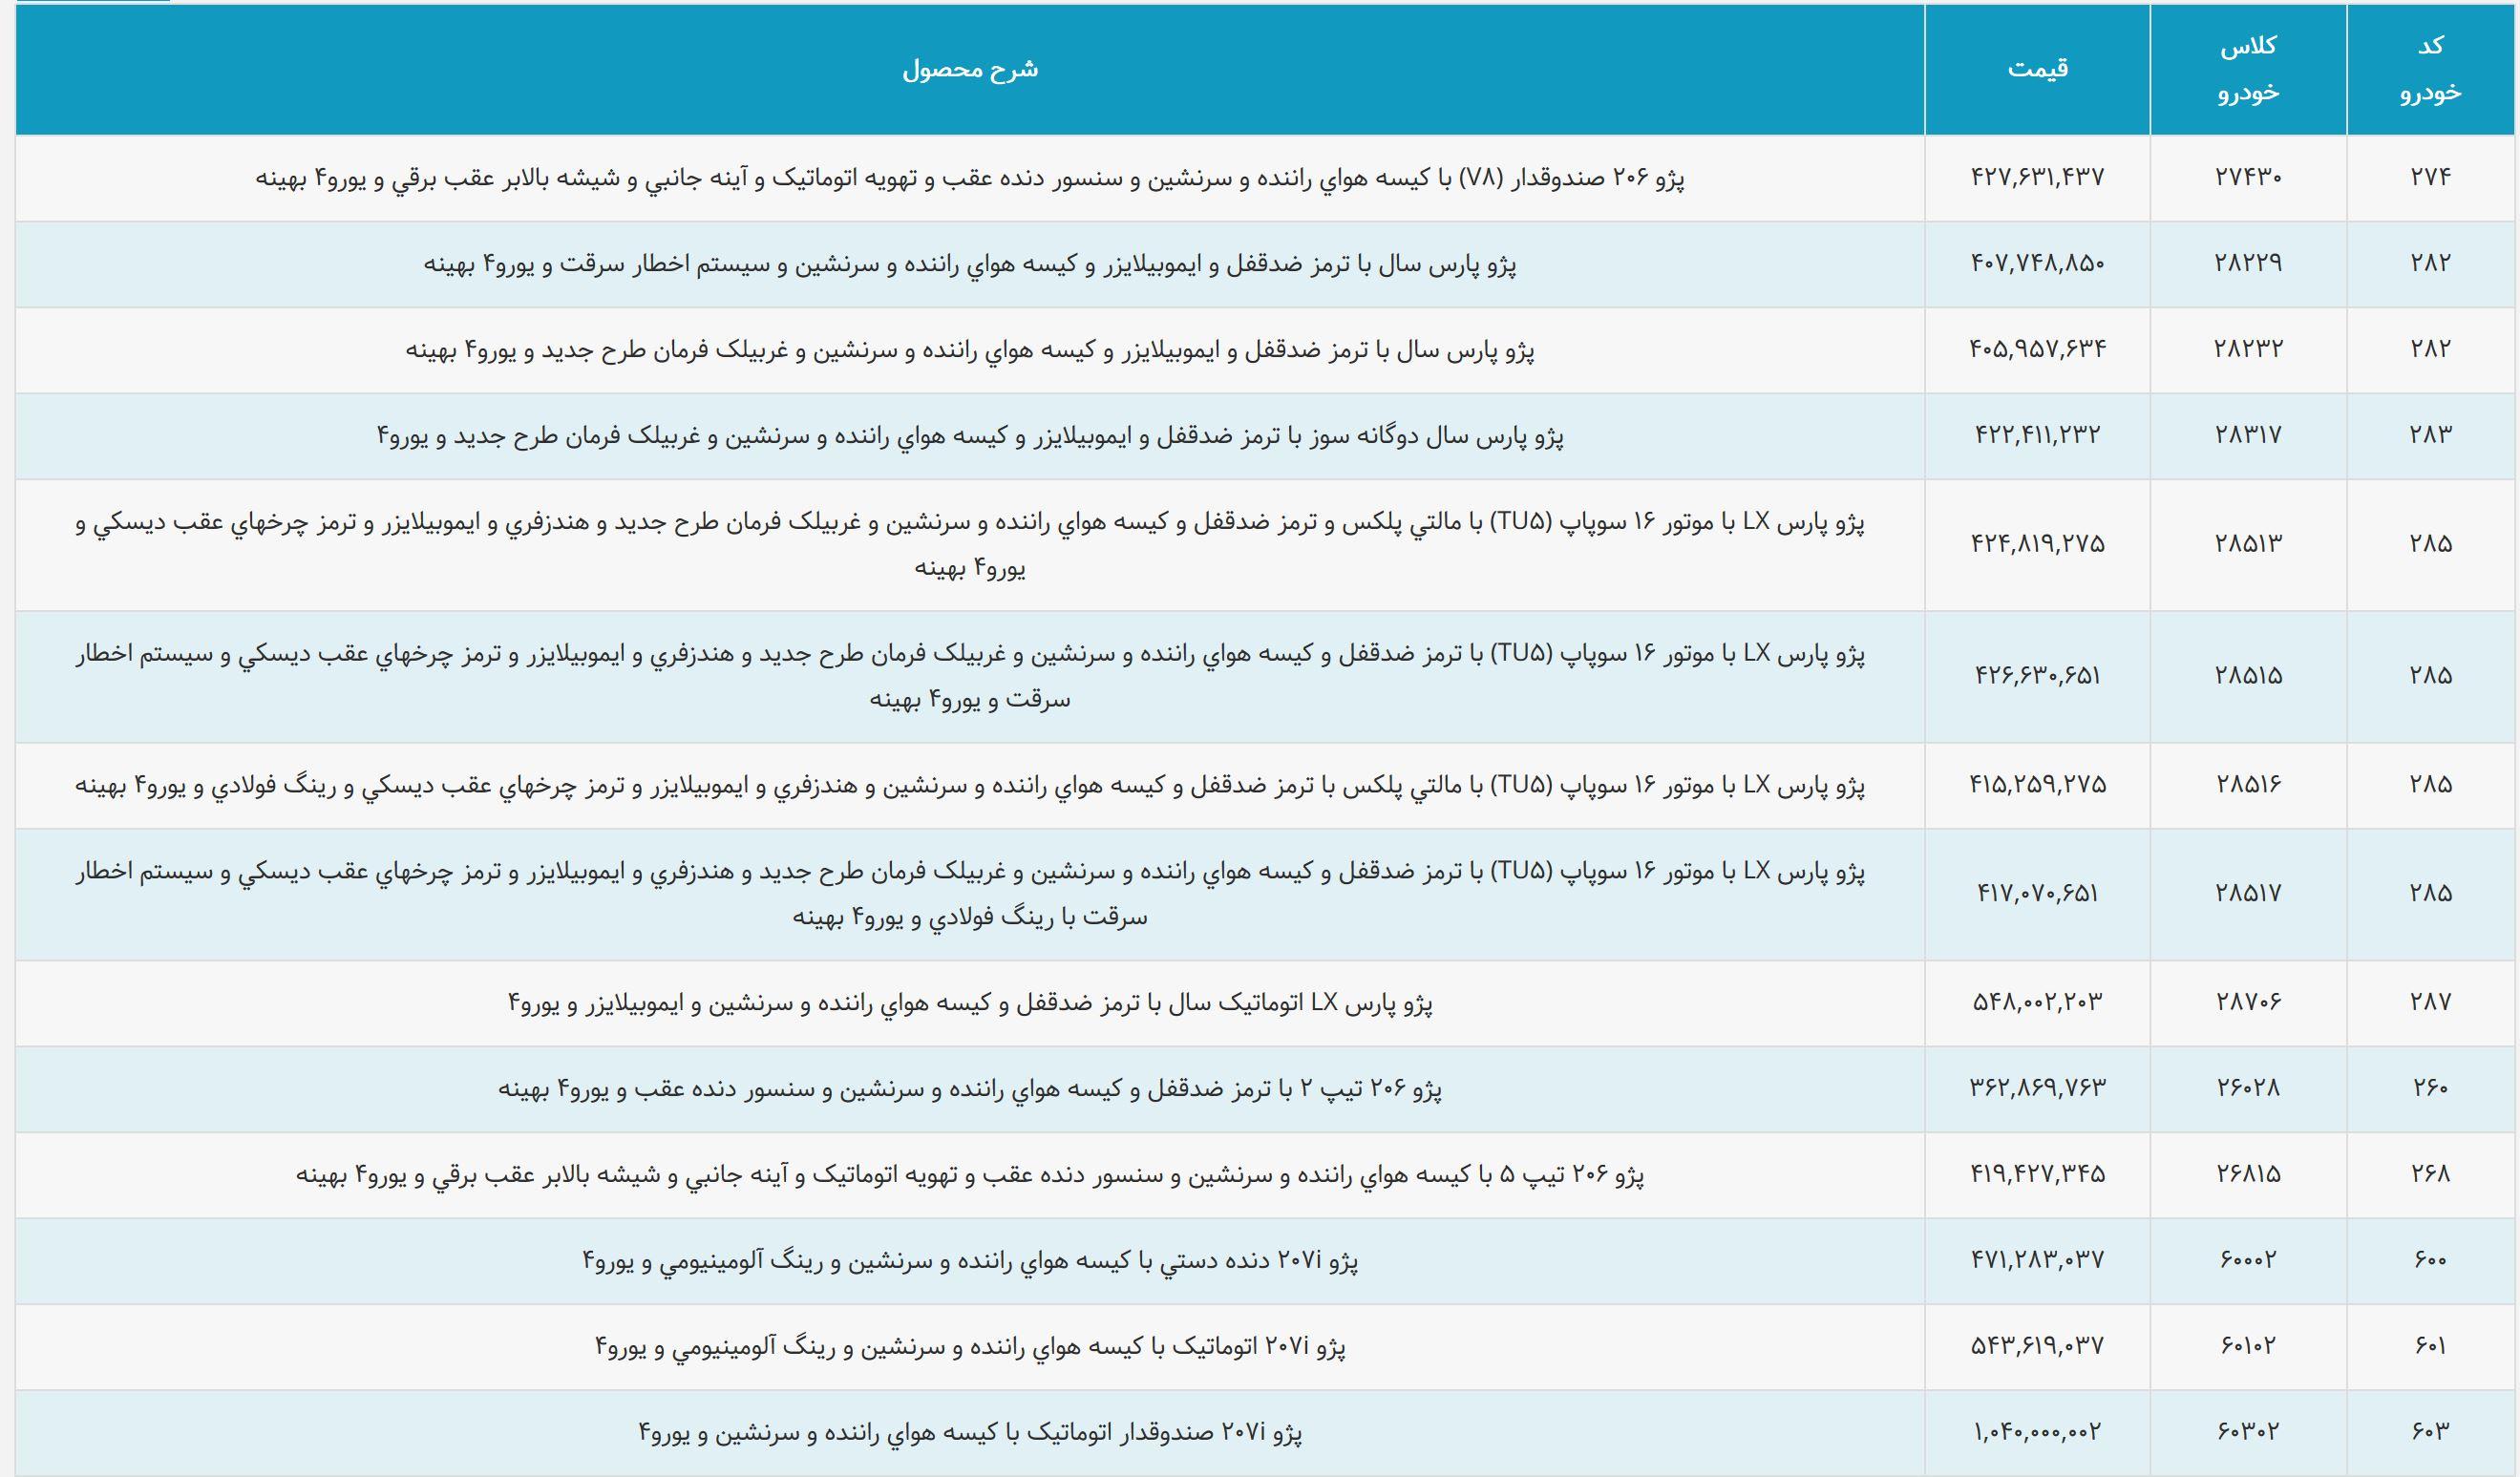 بالاخره فهرست قیمت محصولات ایران خودرو اعلام شد-آذر 97